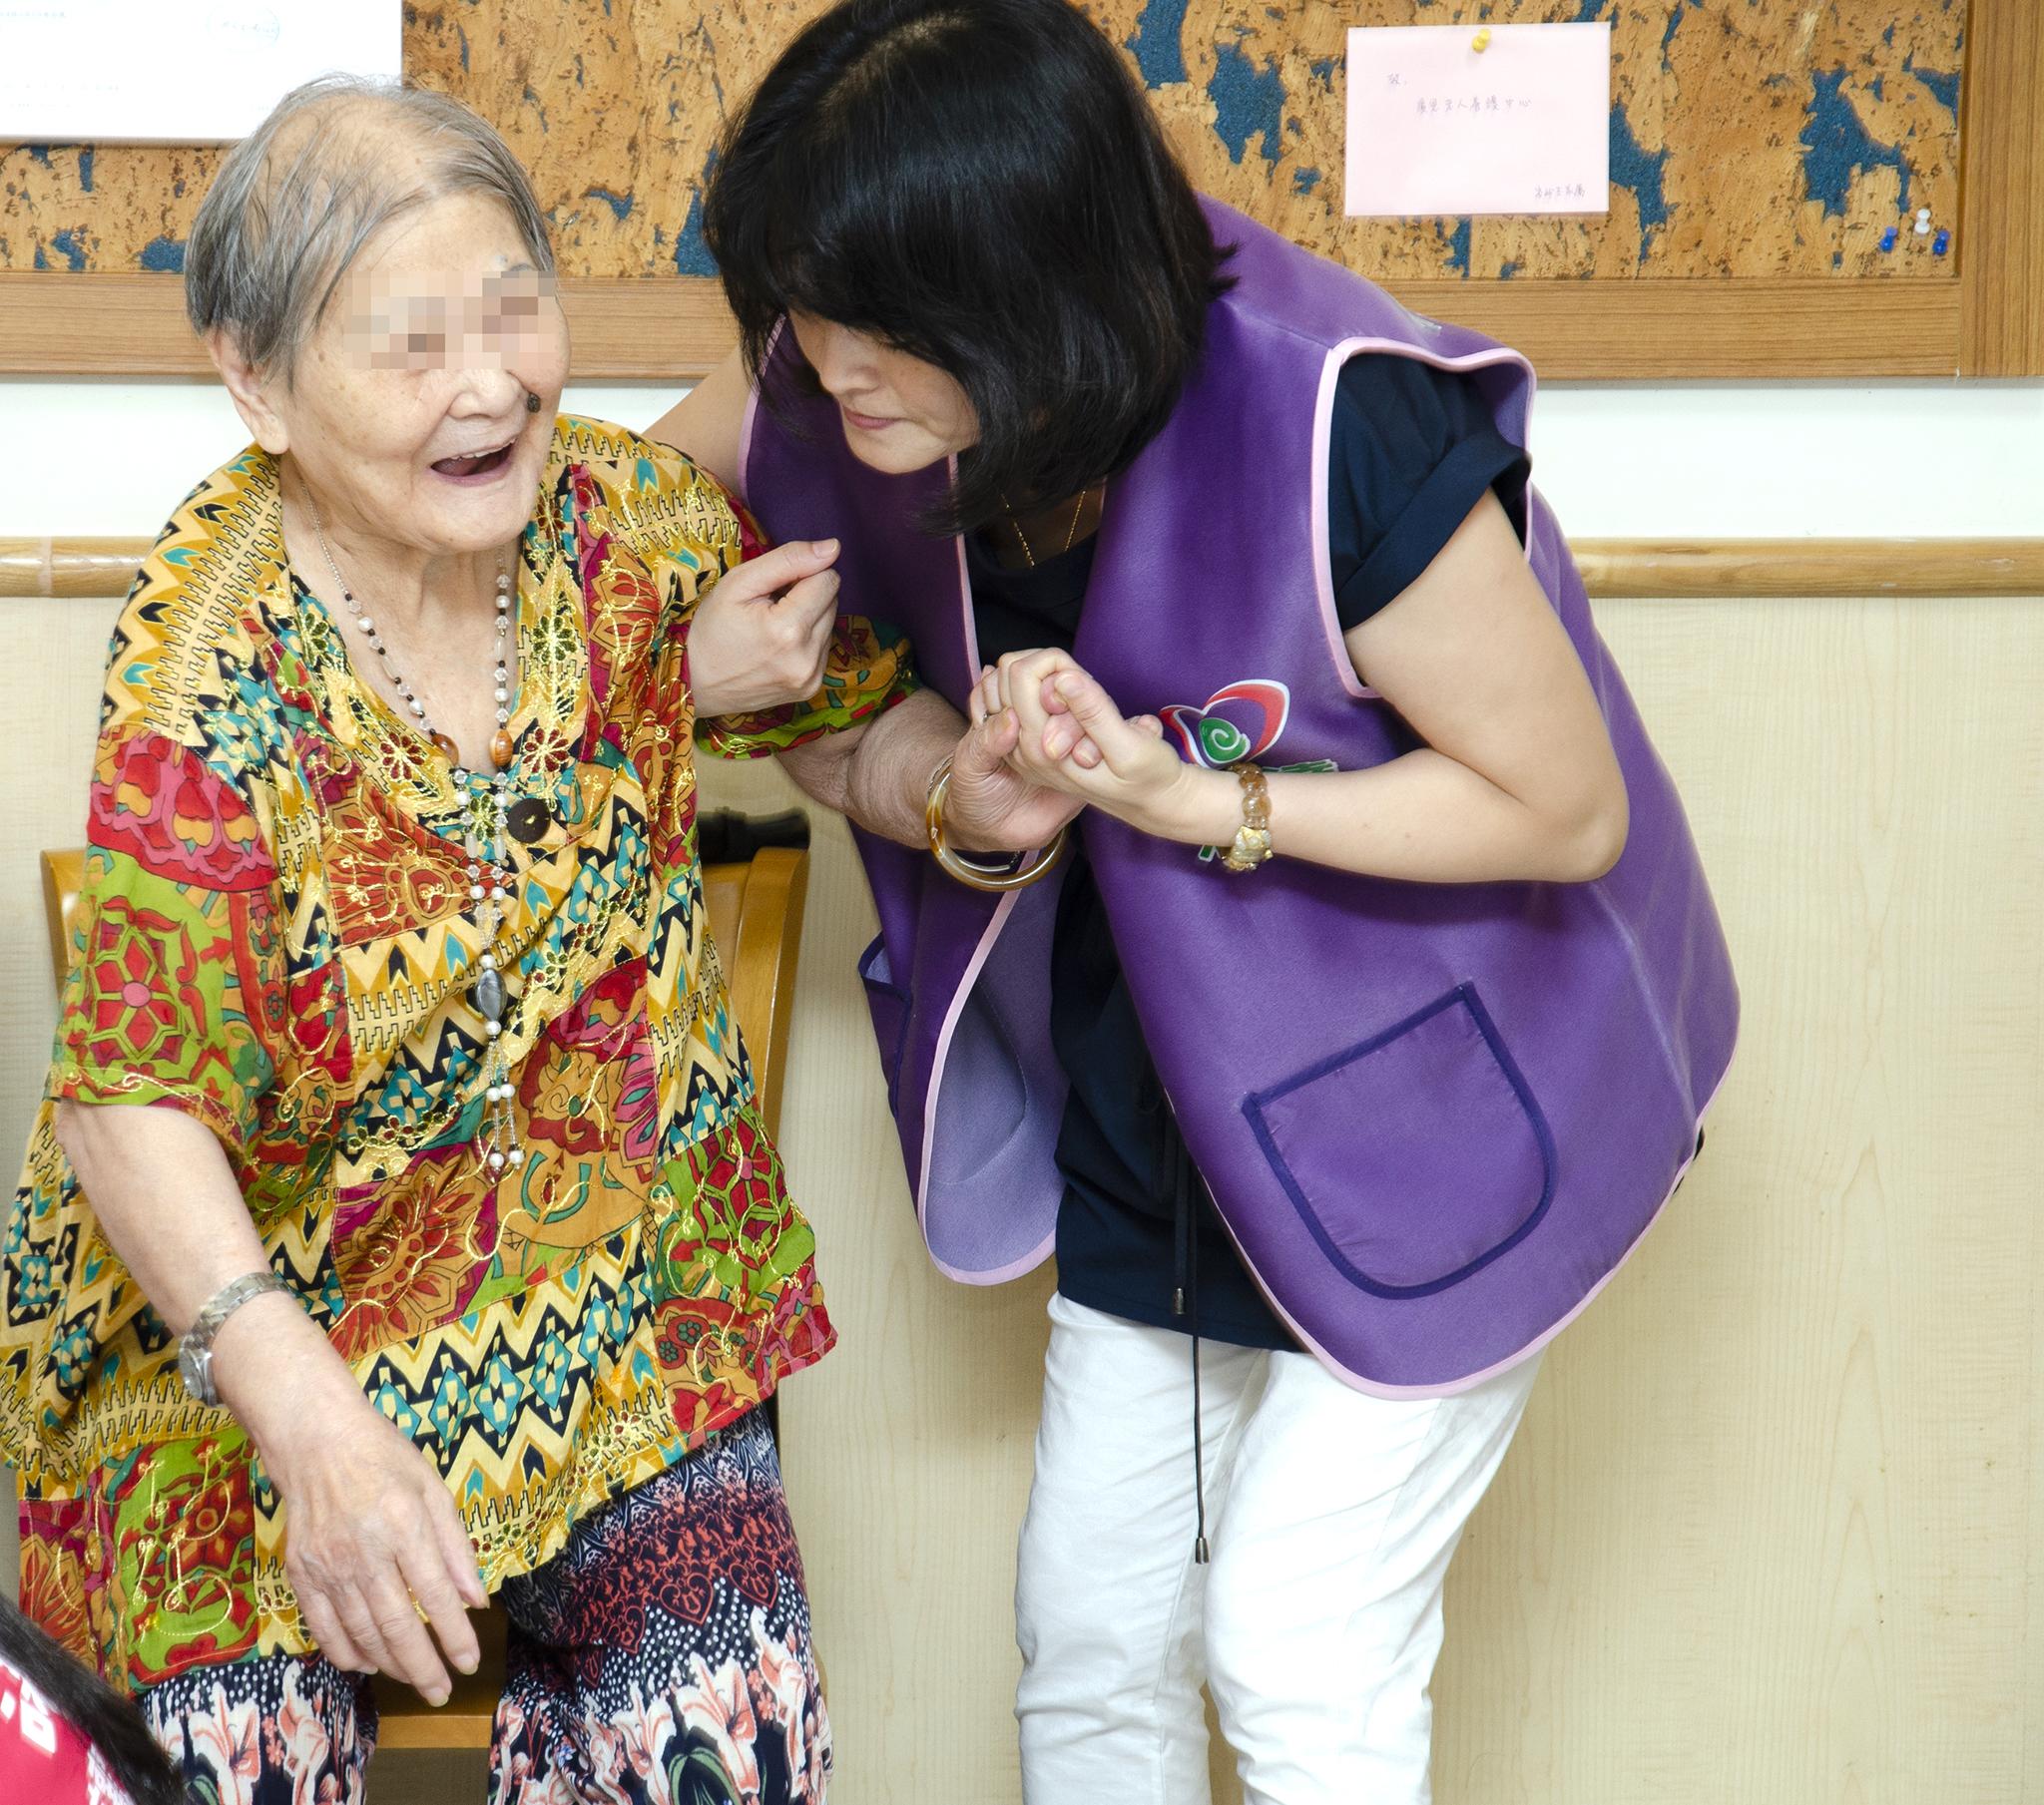 永達志工協助長輩起立。